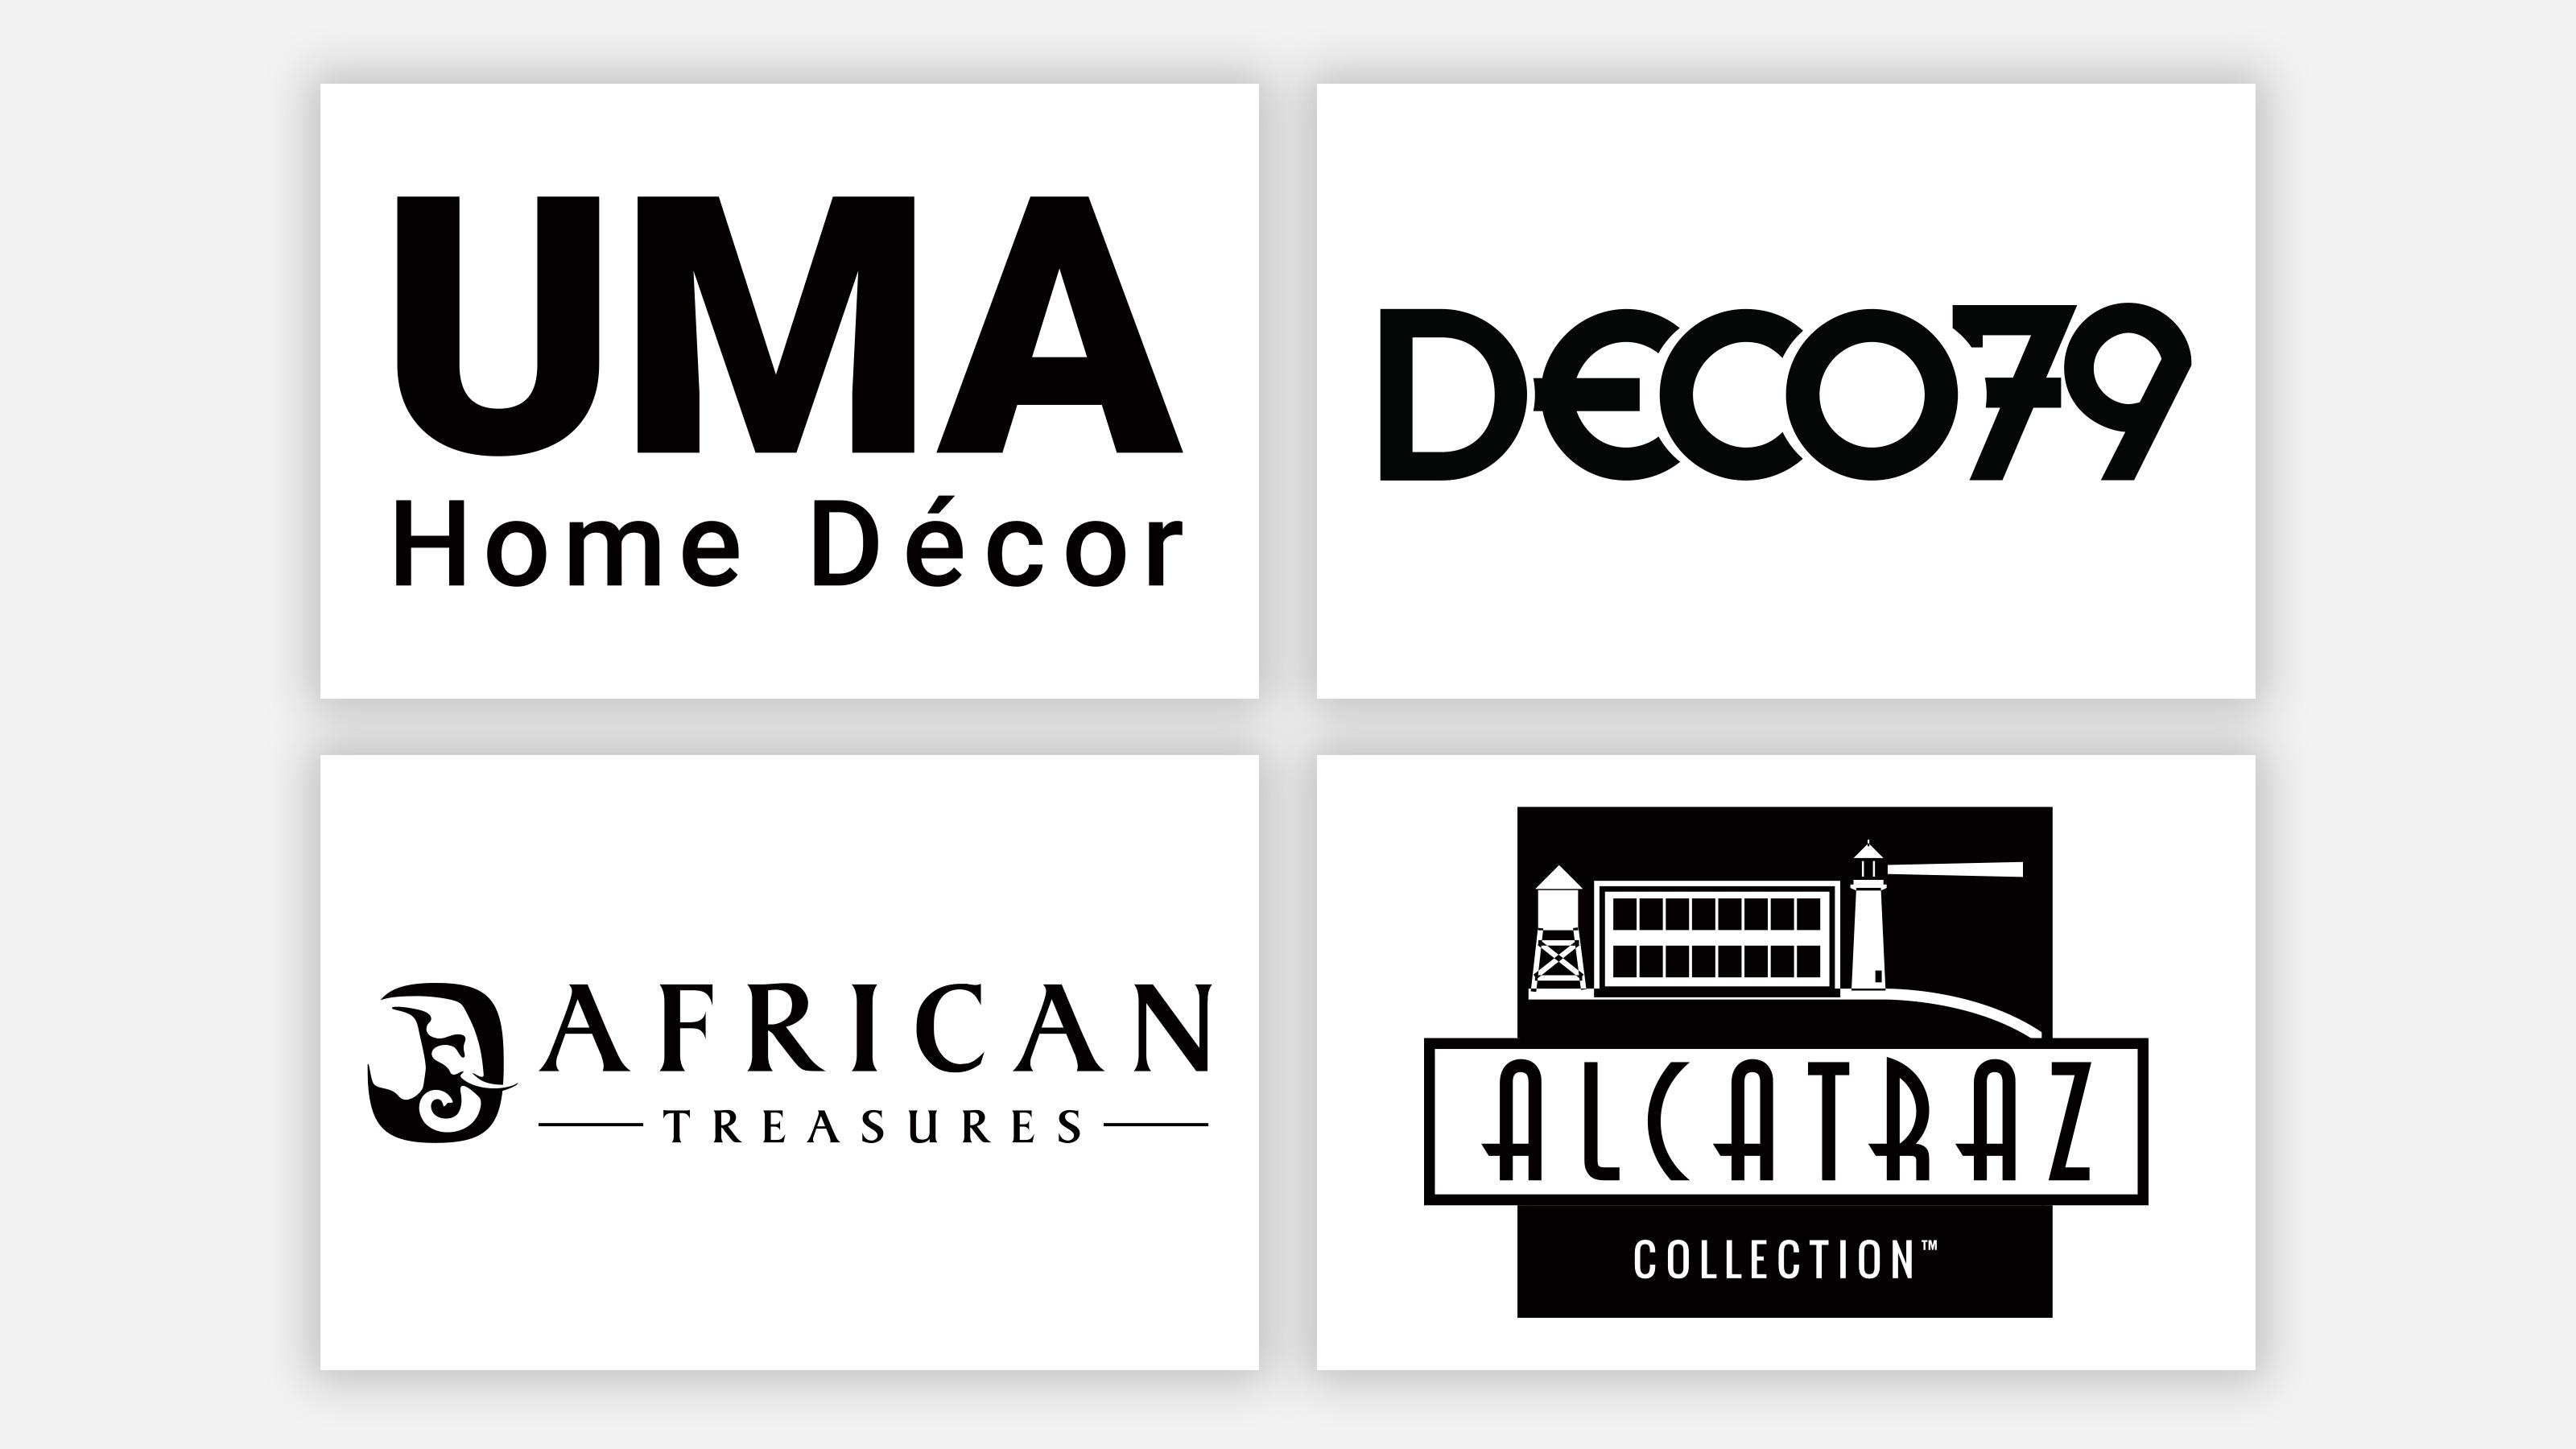 uma logo, deco79 logo, african treasures logo, and alcatraz collection logo